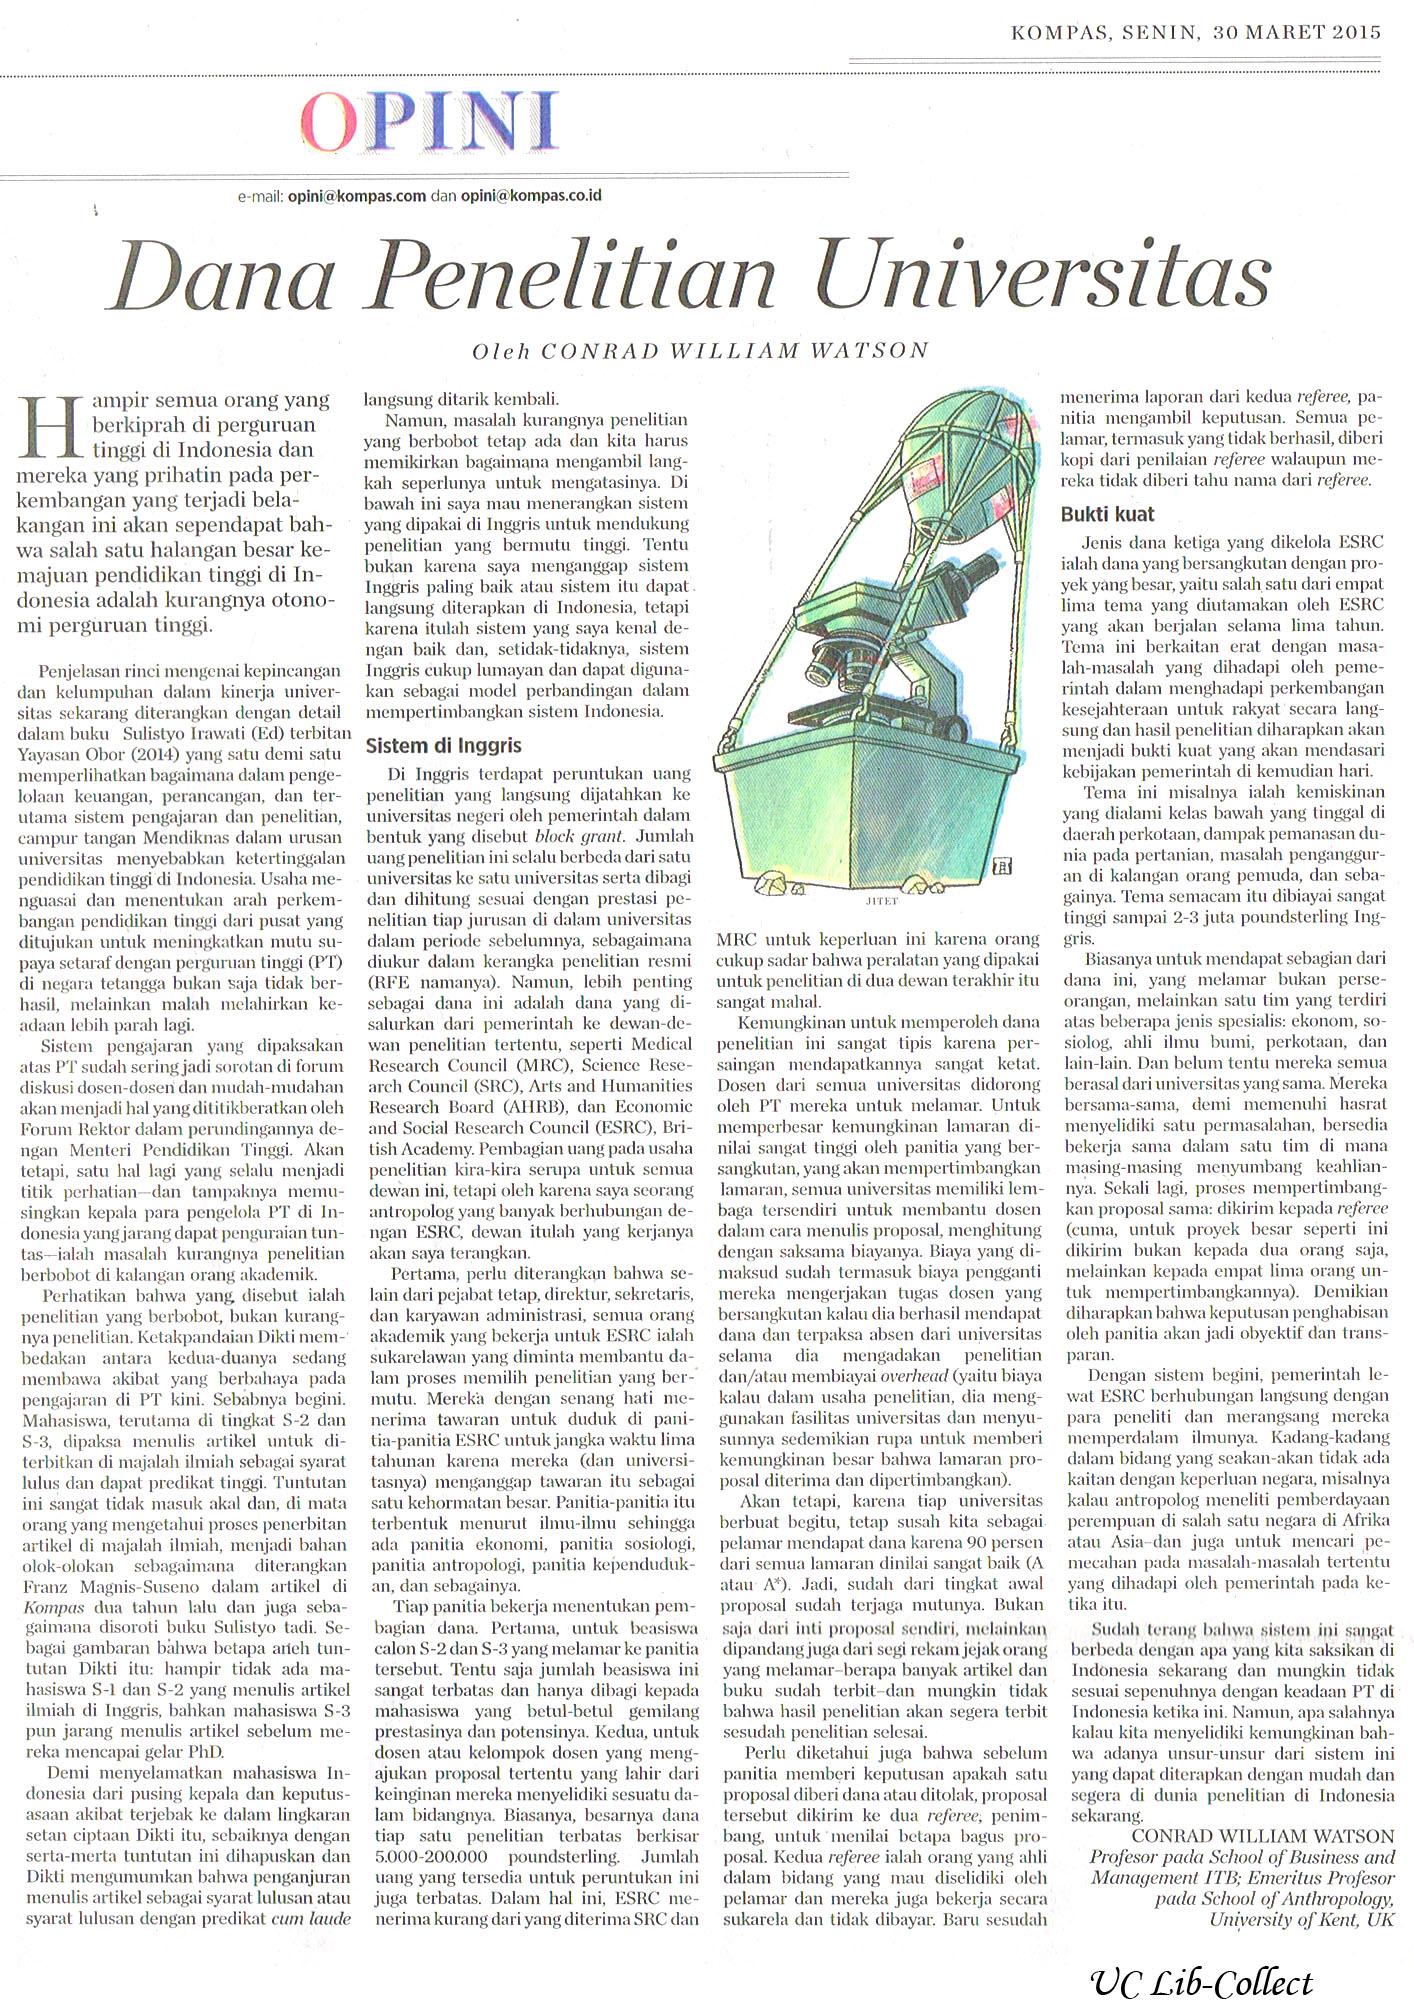 Dana Penelitian Universitas. Kompas.30 Maret 2015.Hal.6